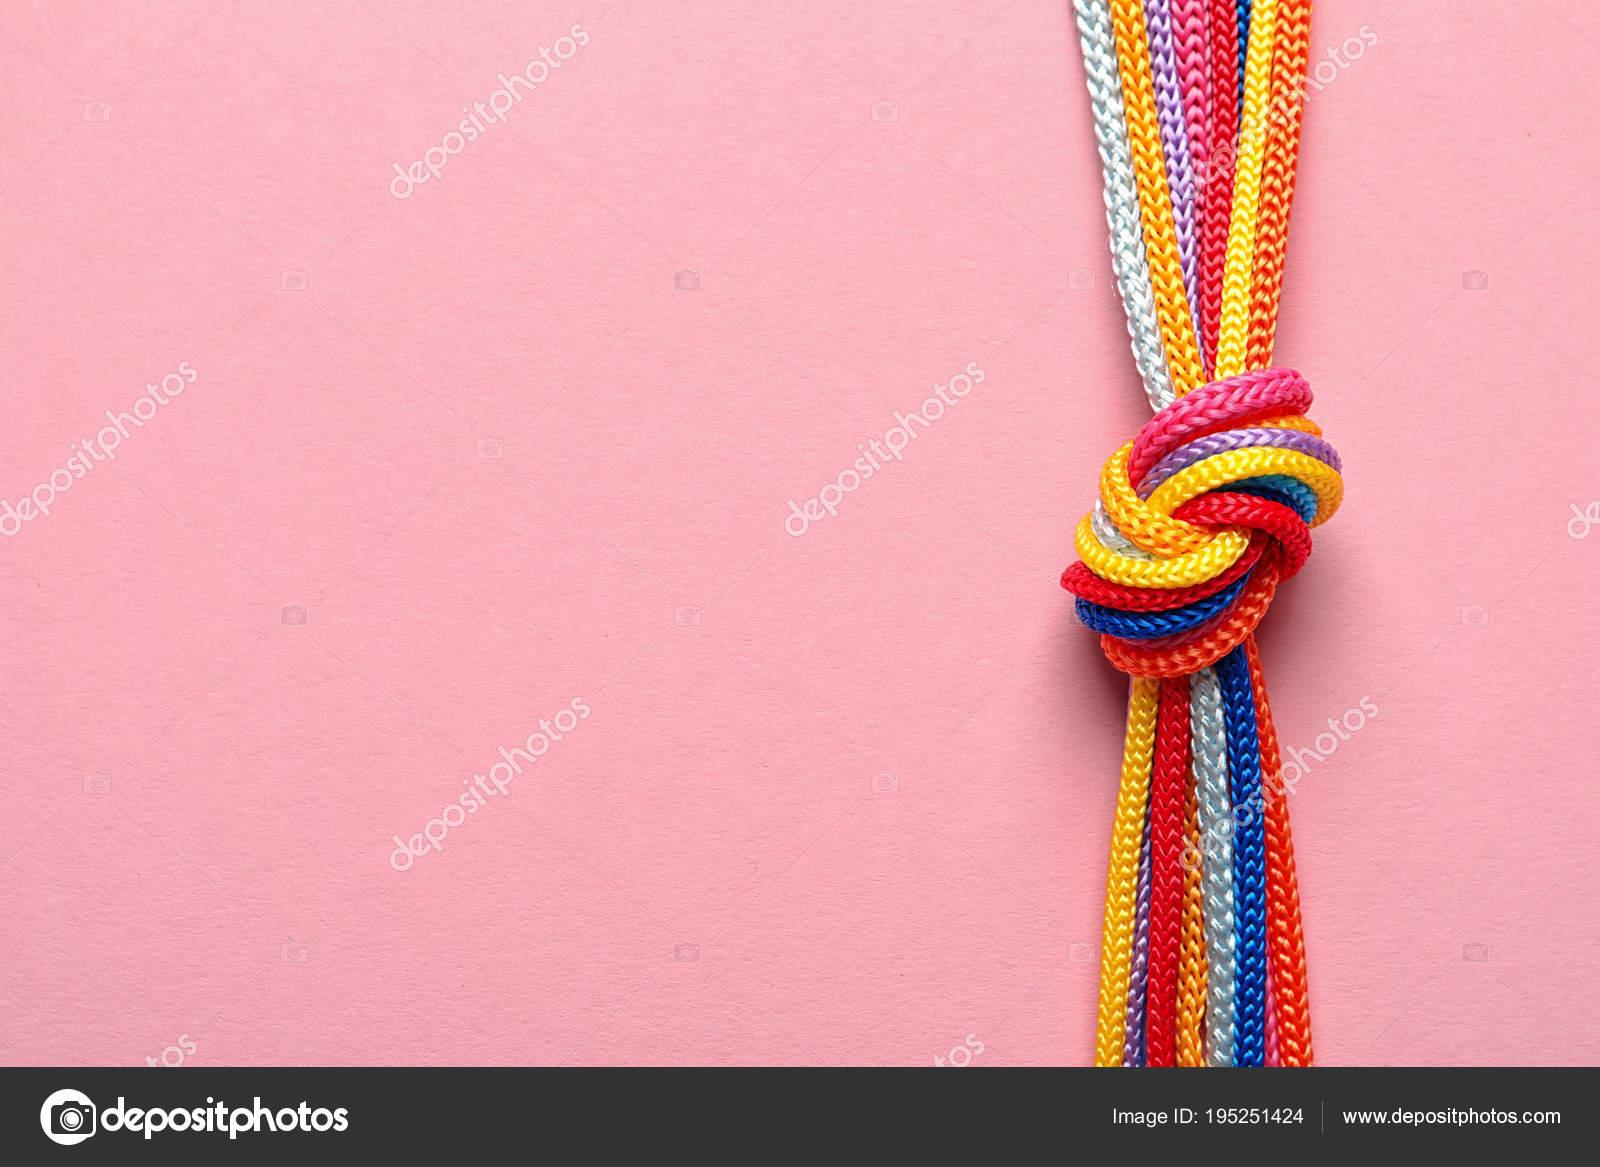 2fae68734c261 Des cordes différentes liées par noeud sur fond de couleur. Concept de  l'unité